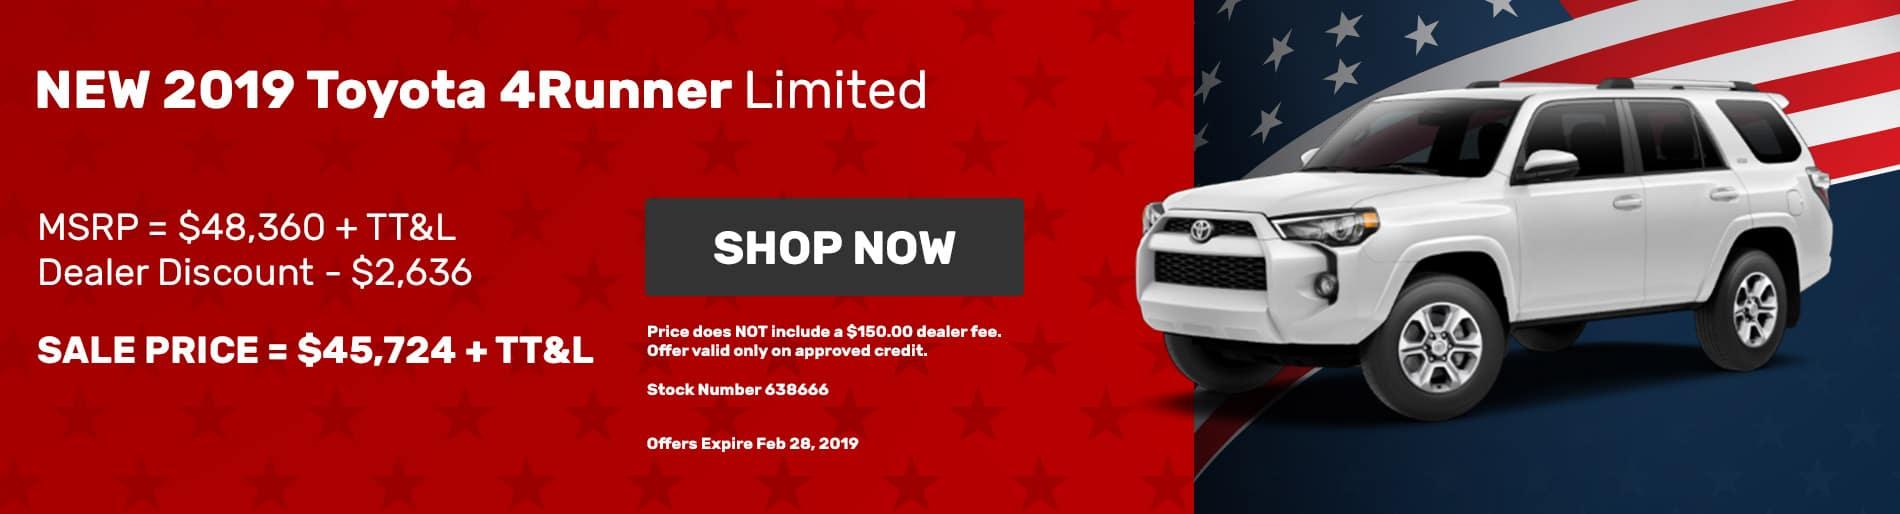 Round Rock Toyota Service >> Round Rock Toyota Toyota Dealer Serving Austin